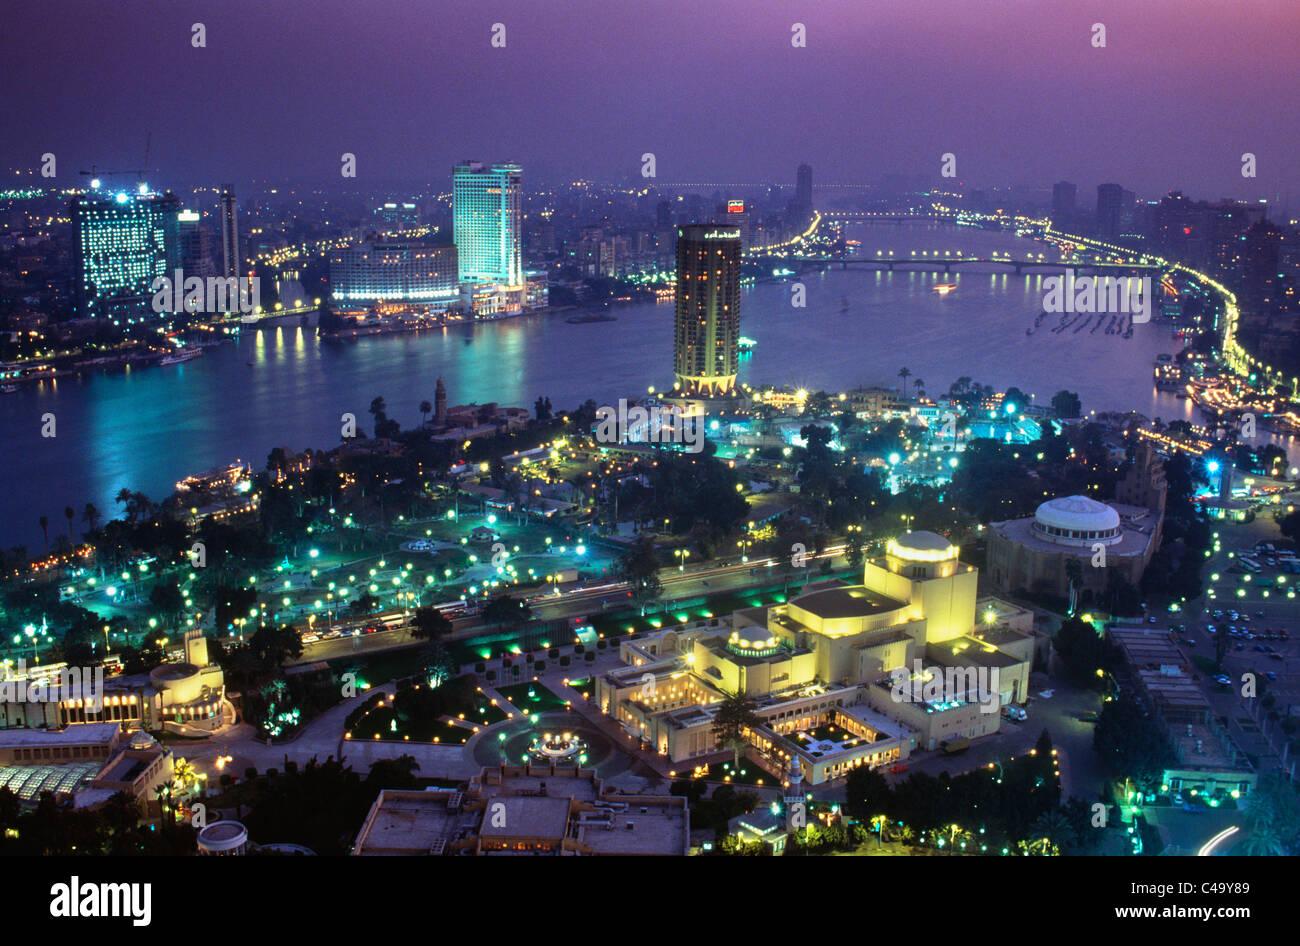 Egipto, El Cairo, la ciudad de Río Nilo con Ópera en primer plano al atardecer Imagen De Stock